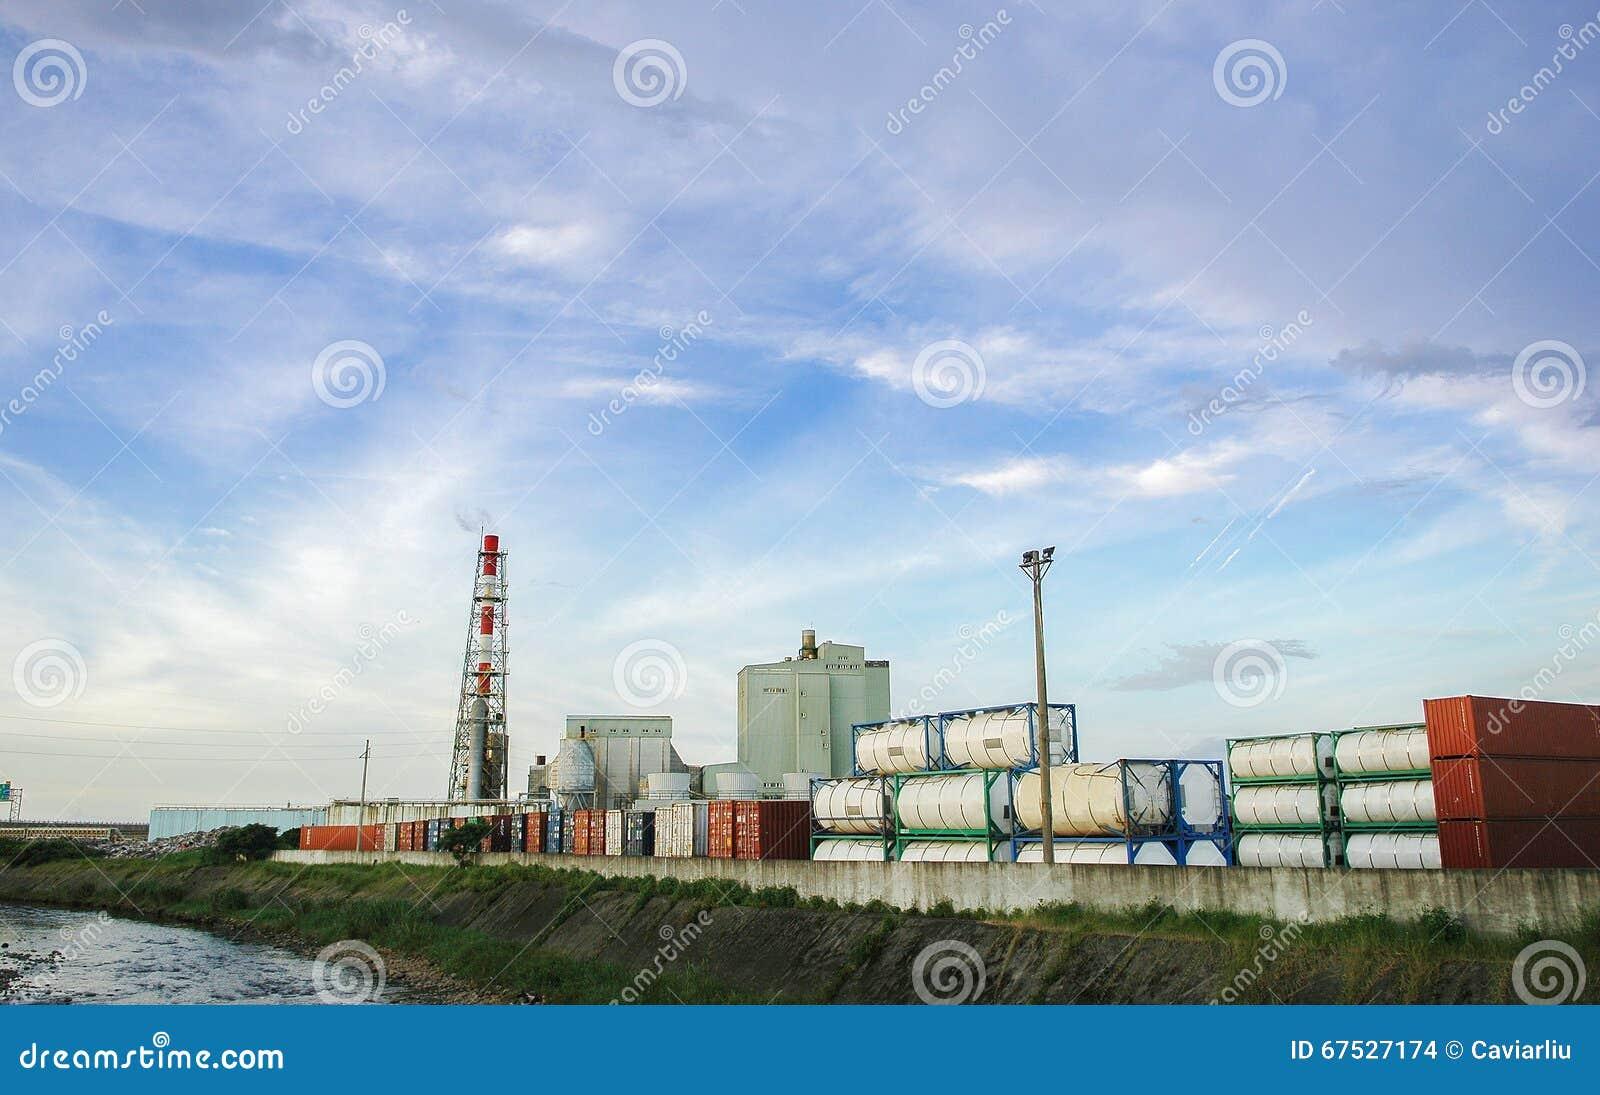 El tanque de almacenamiento de gasolina en el camino, la industria petrolera, la inyección del gas, el almacenamiento y la extrac